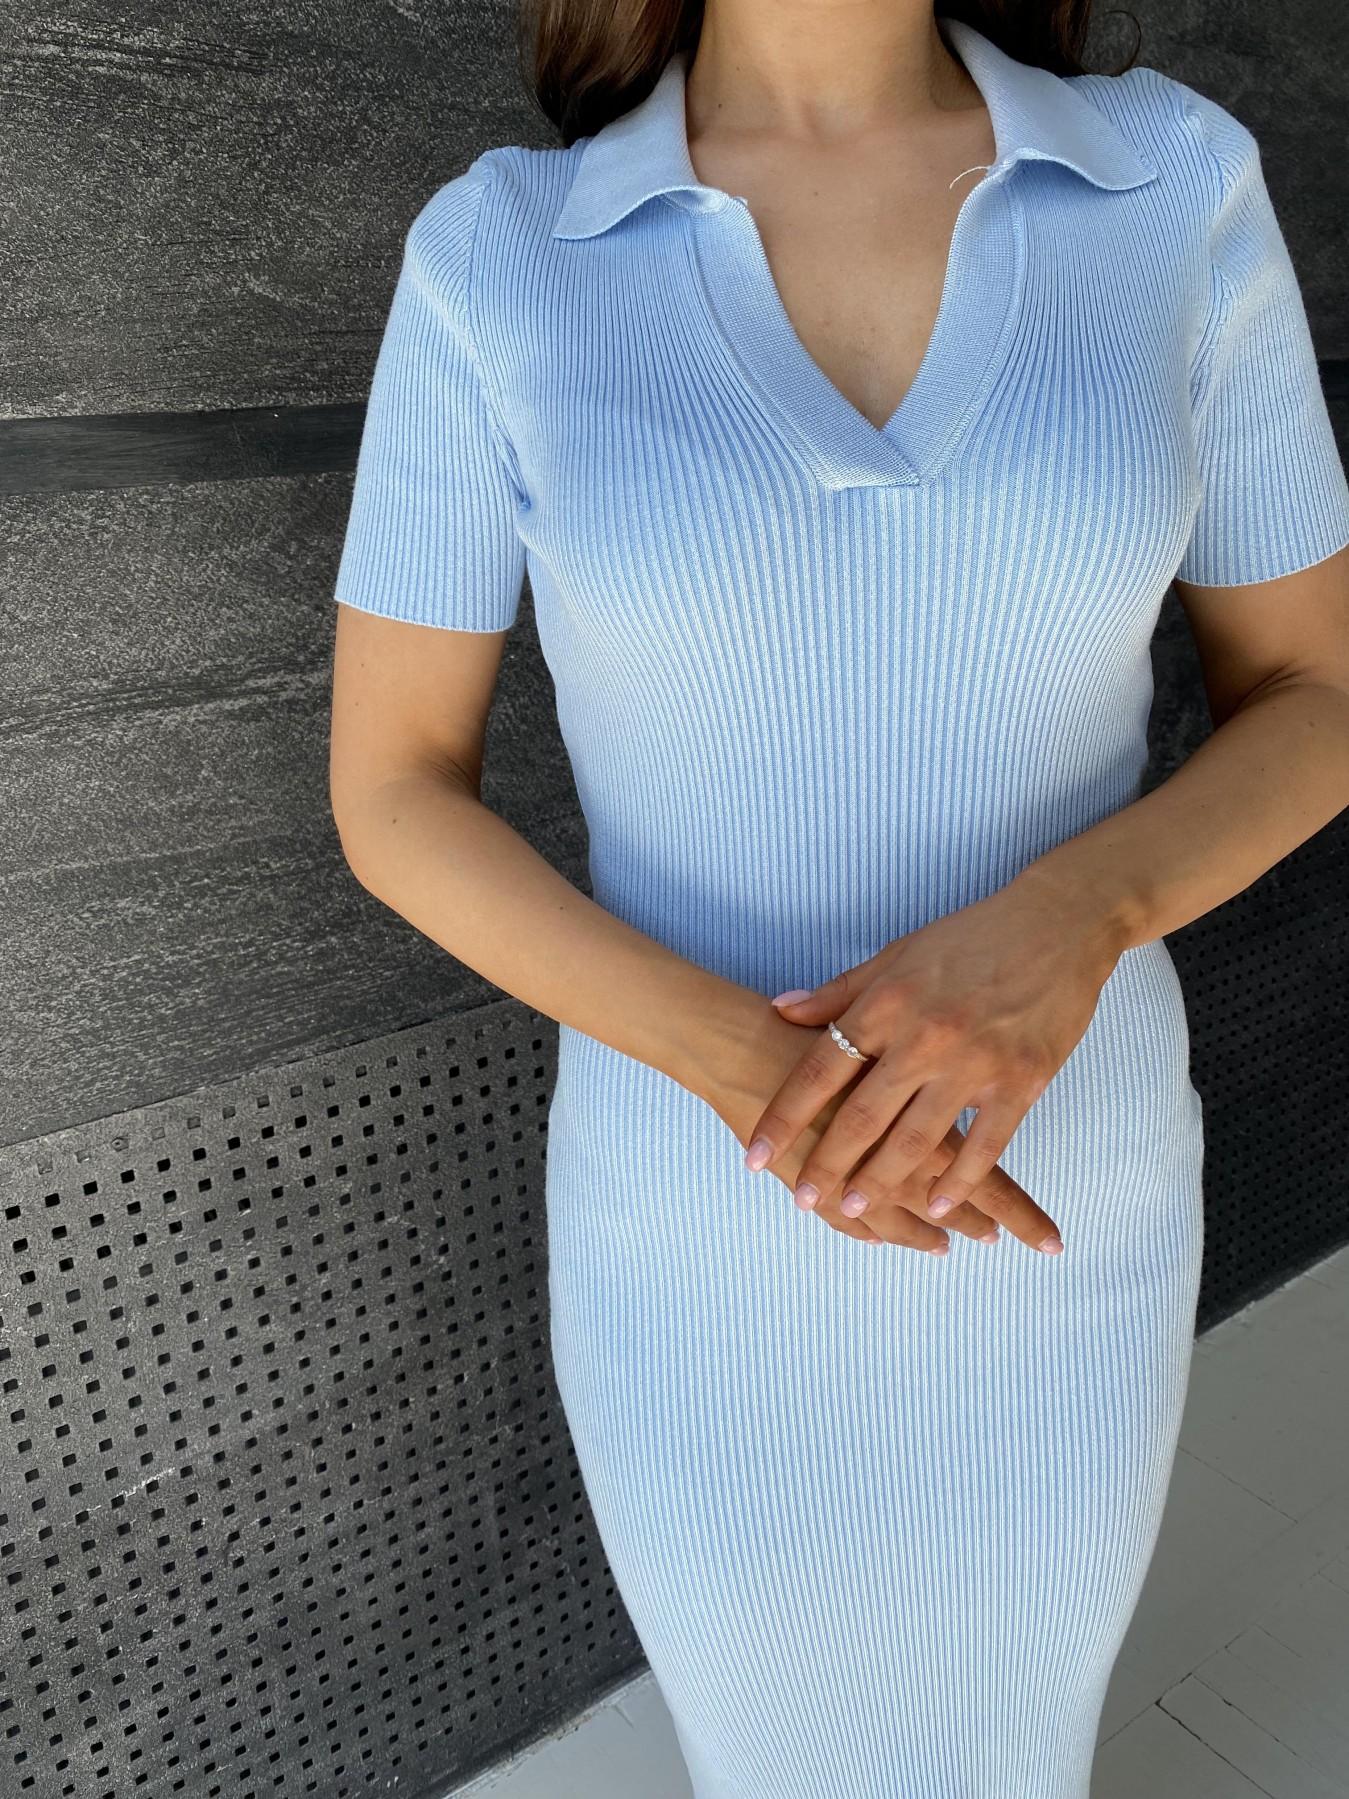 Платье воротник 91688 АРТ. 48067 Цвет: Голубой меланж - фото 5, интернет магазин tm-modus.ru